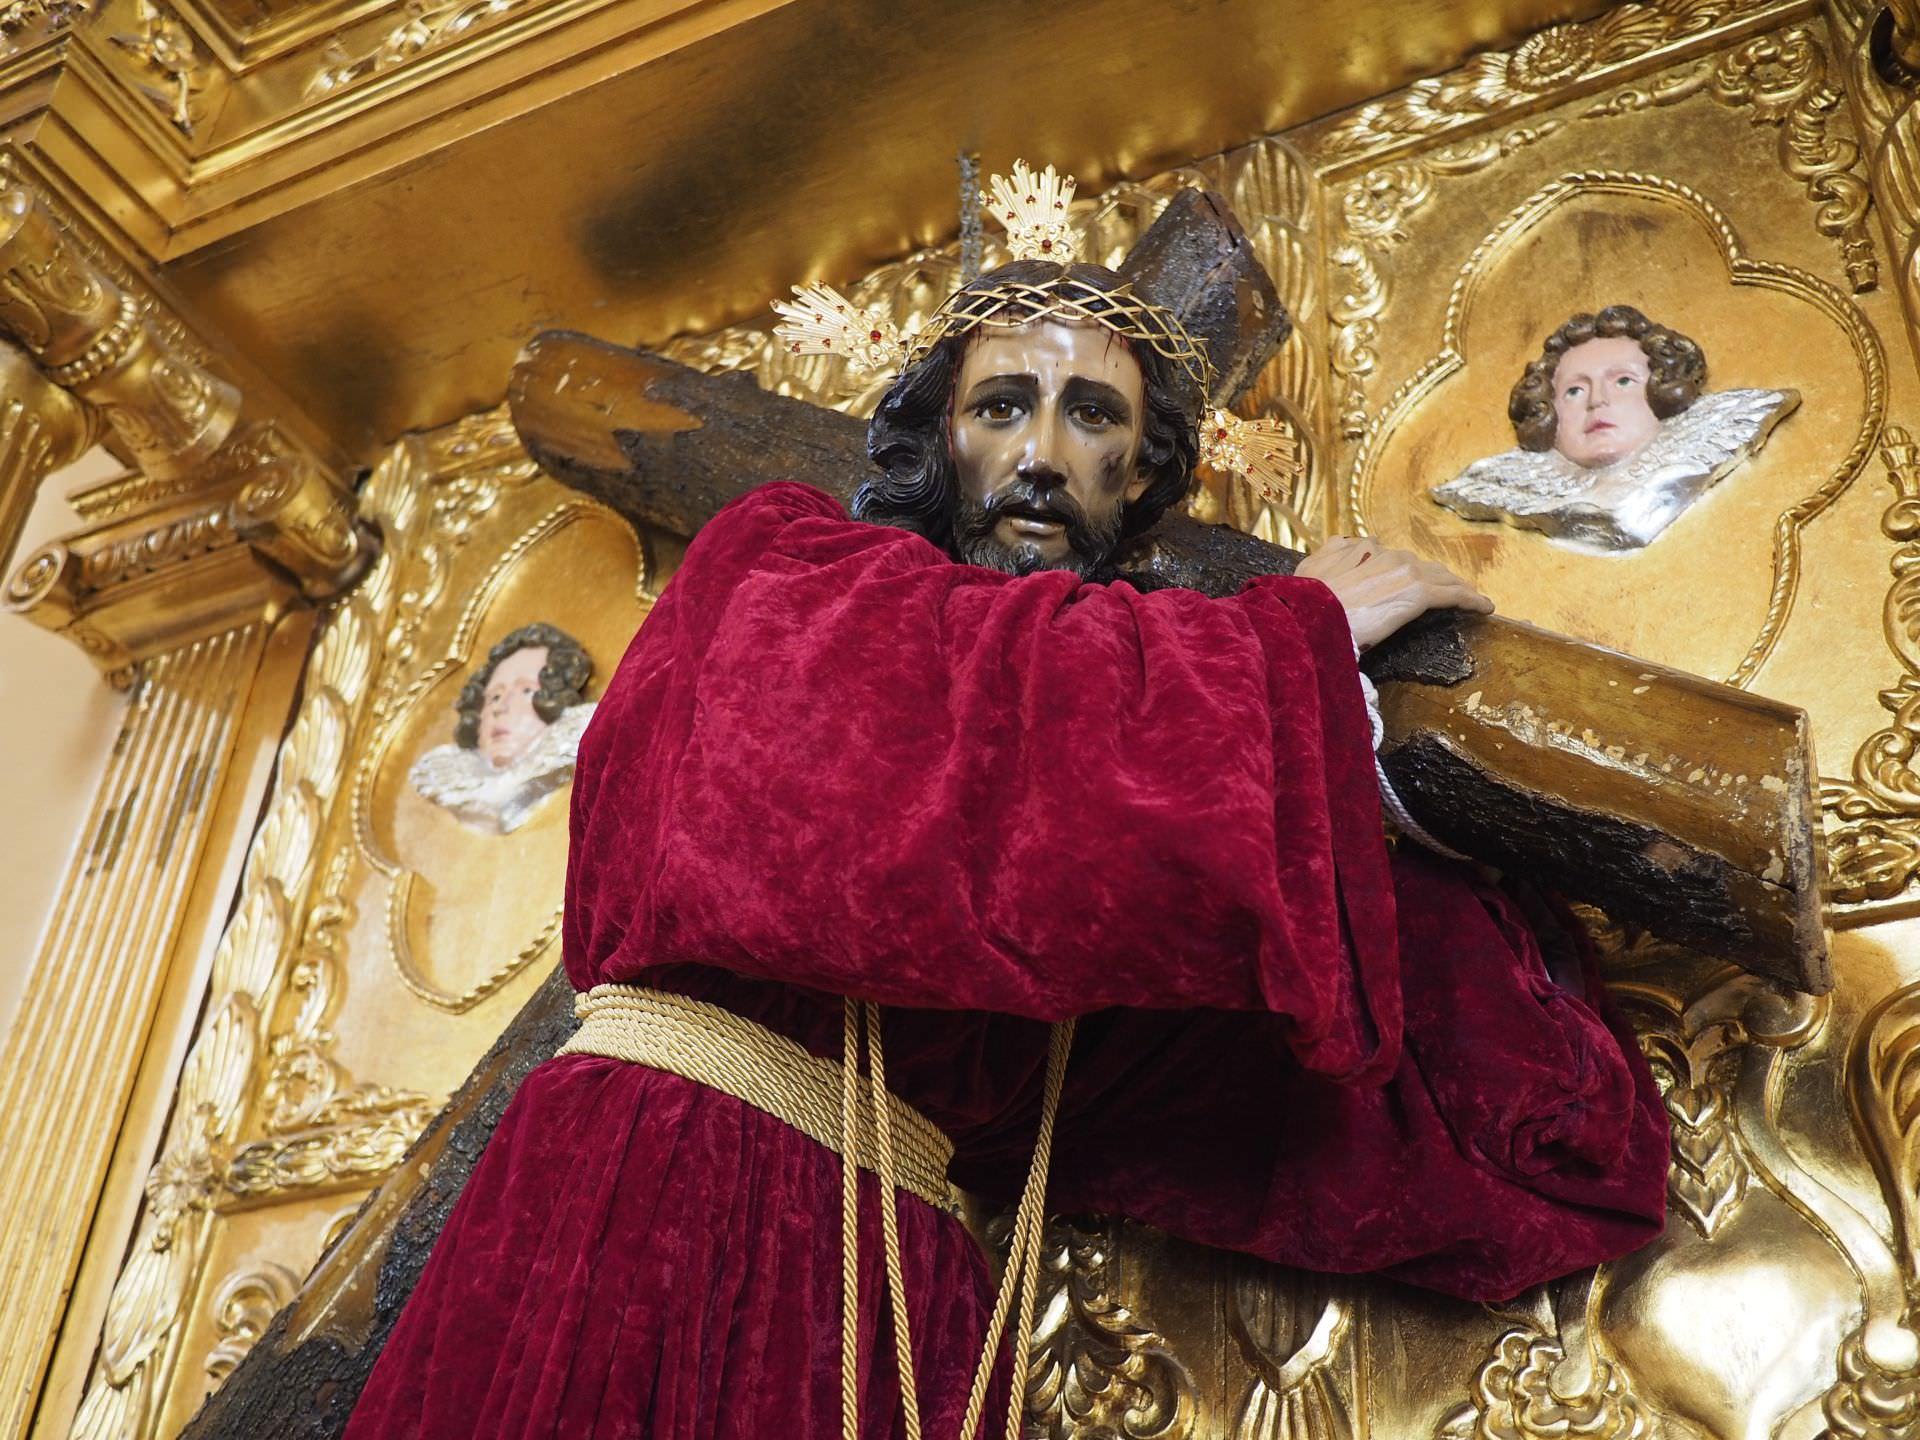 Vivamos a Reconciliação e a Penitência nesta Semana Santa